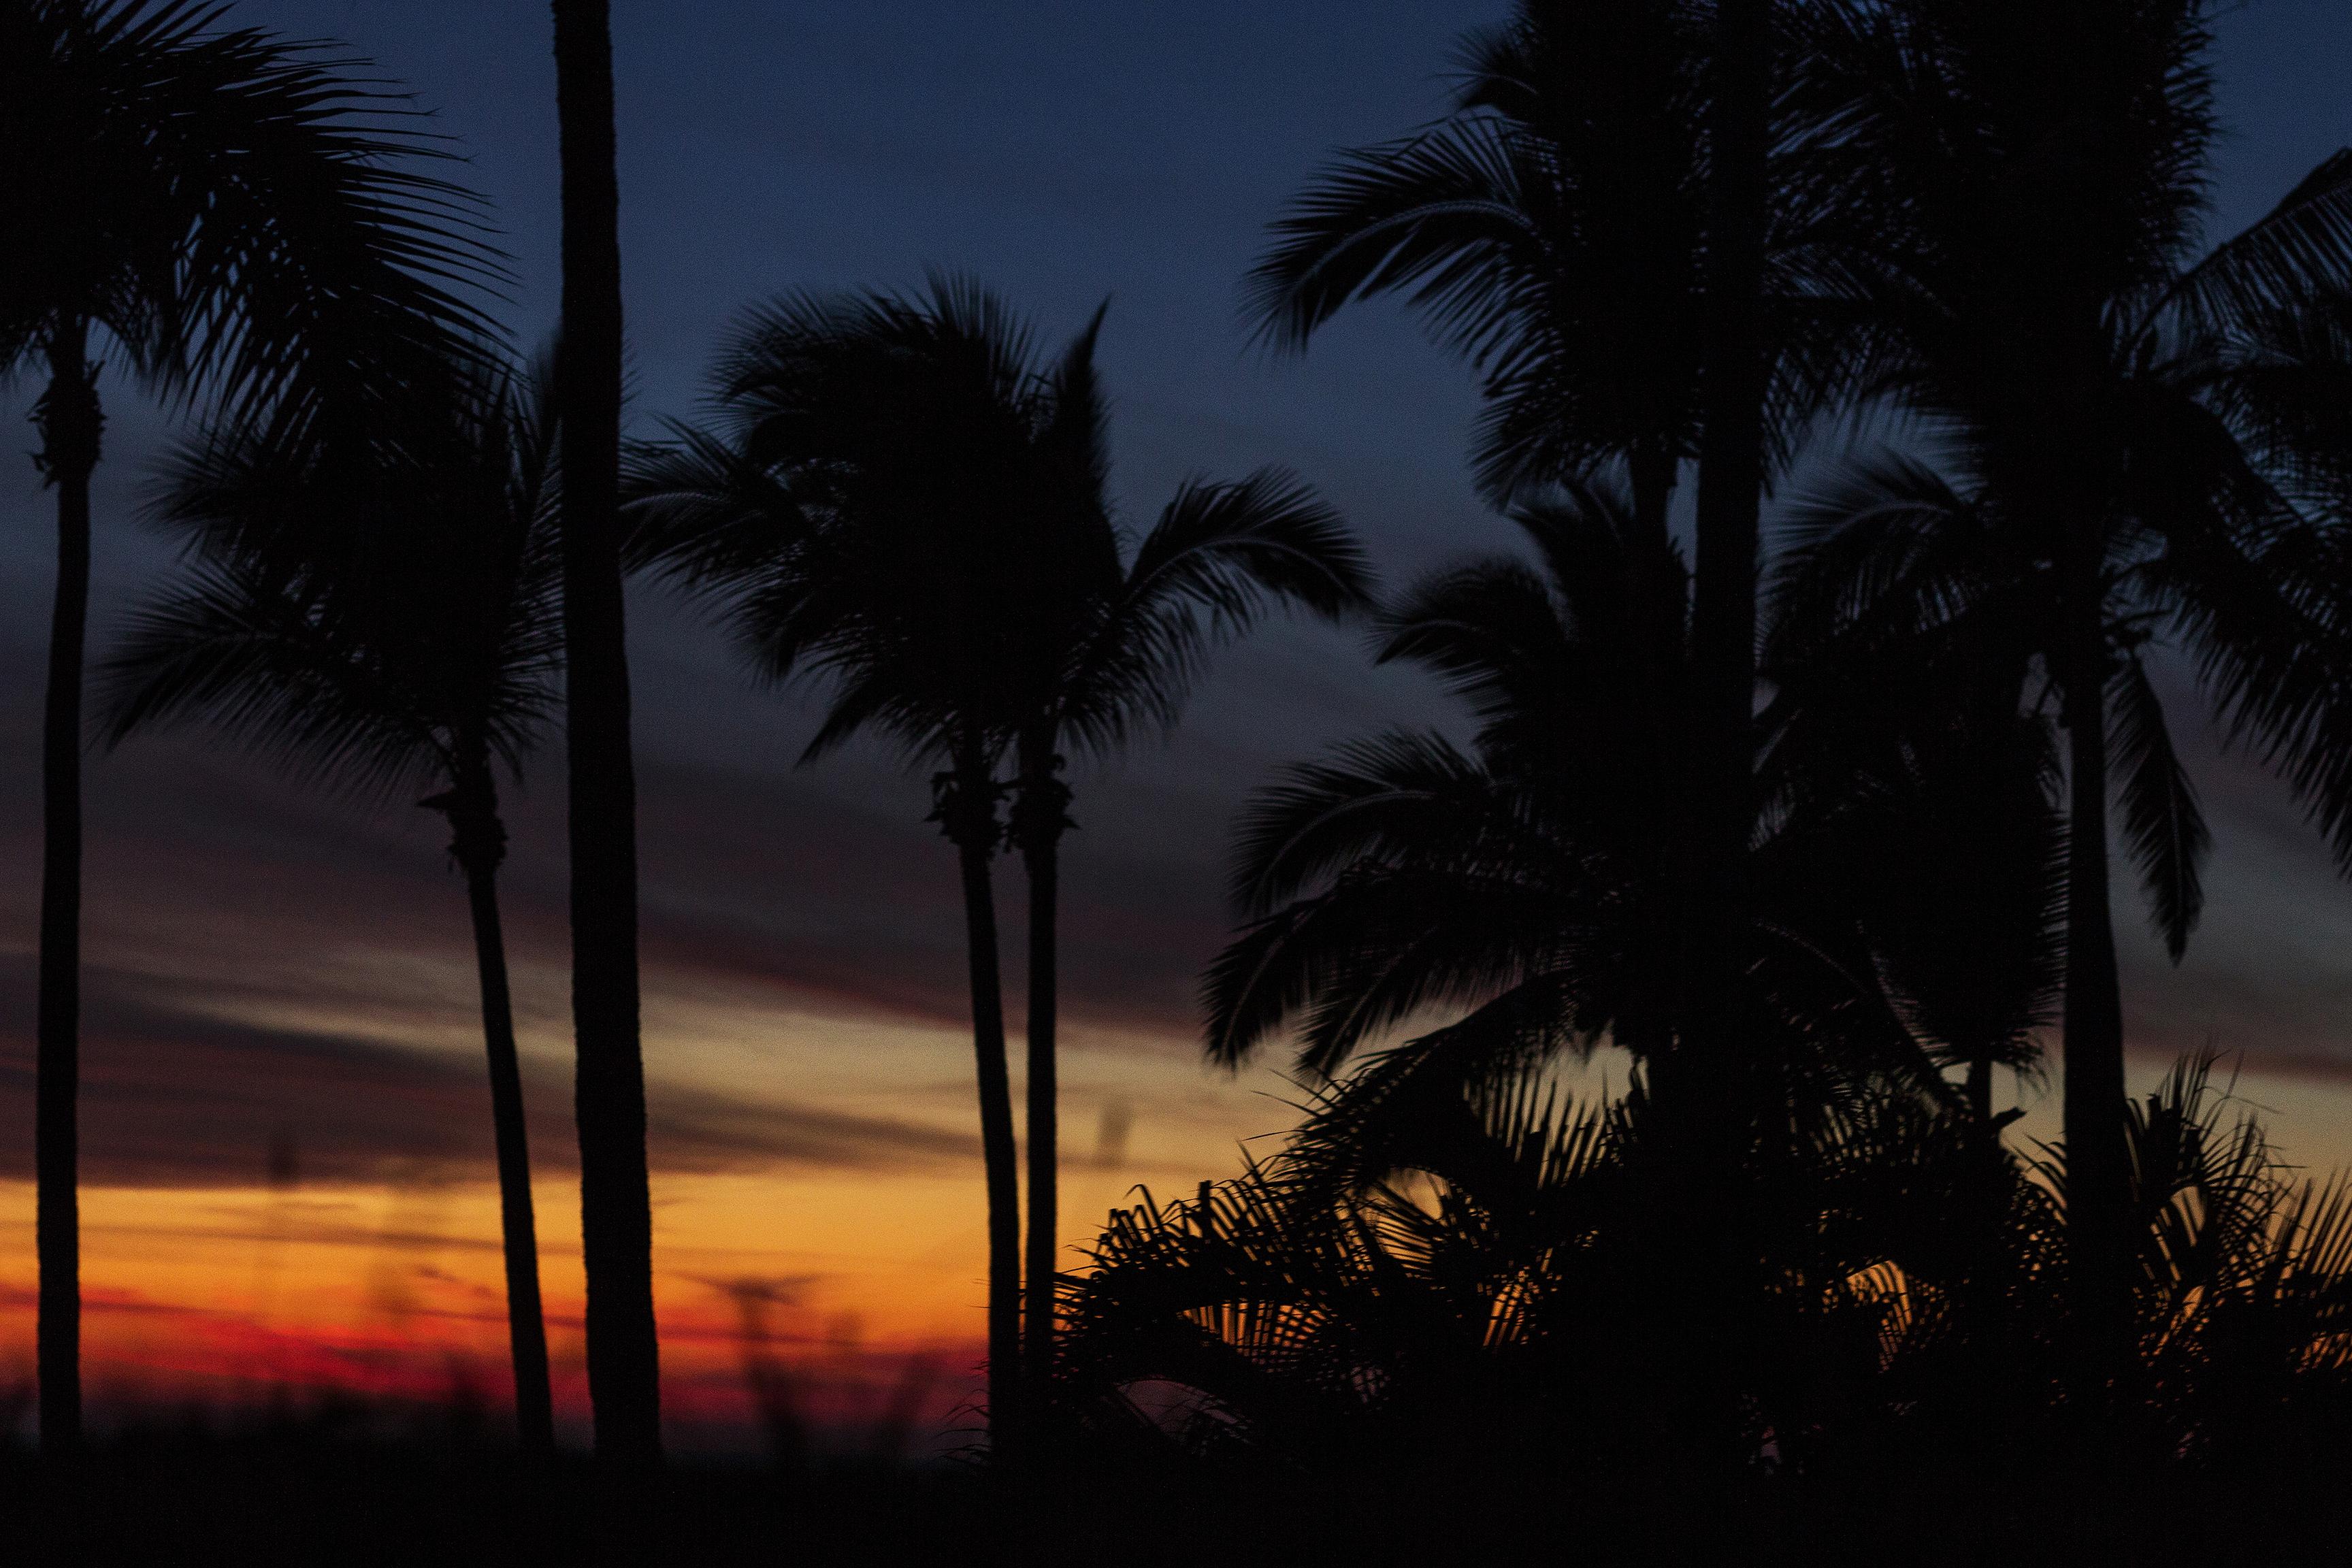 LSD Sunset